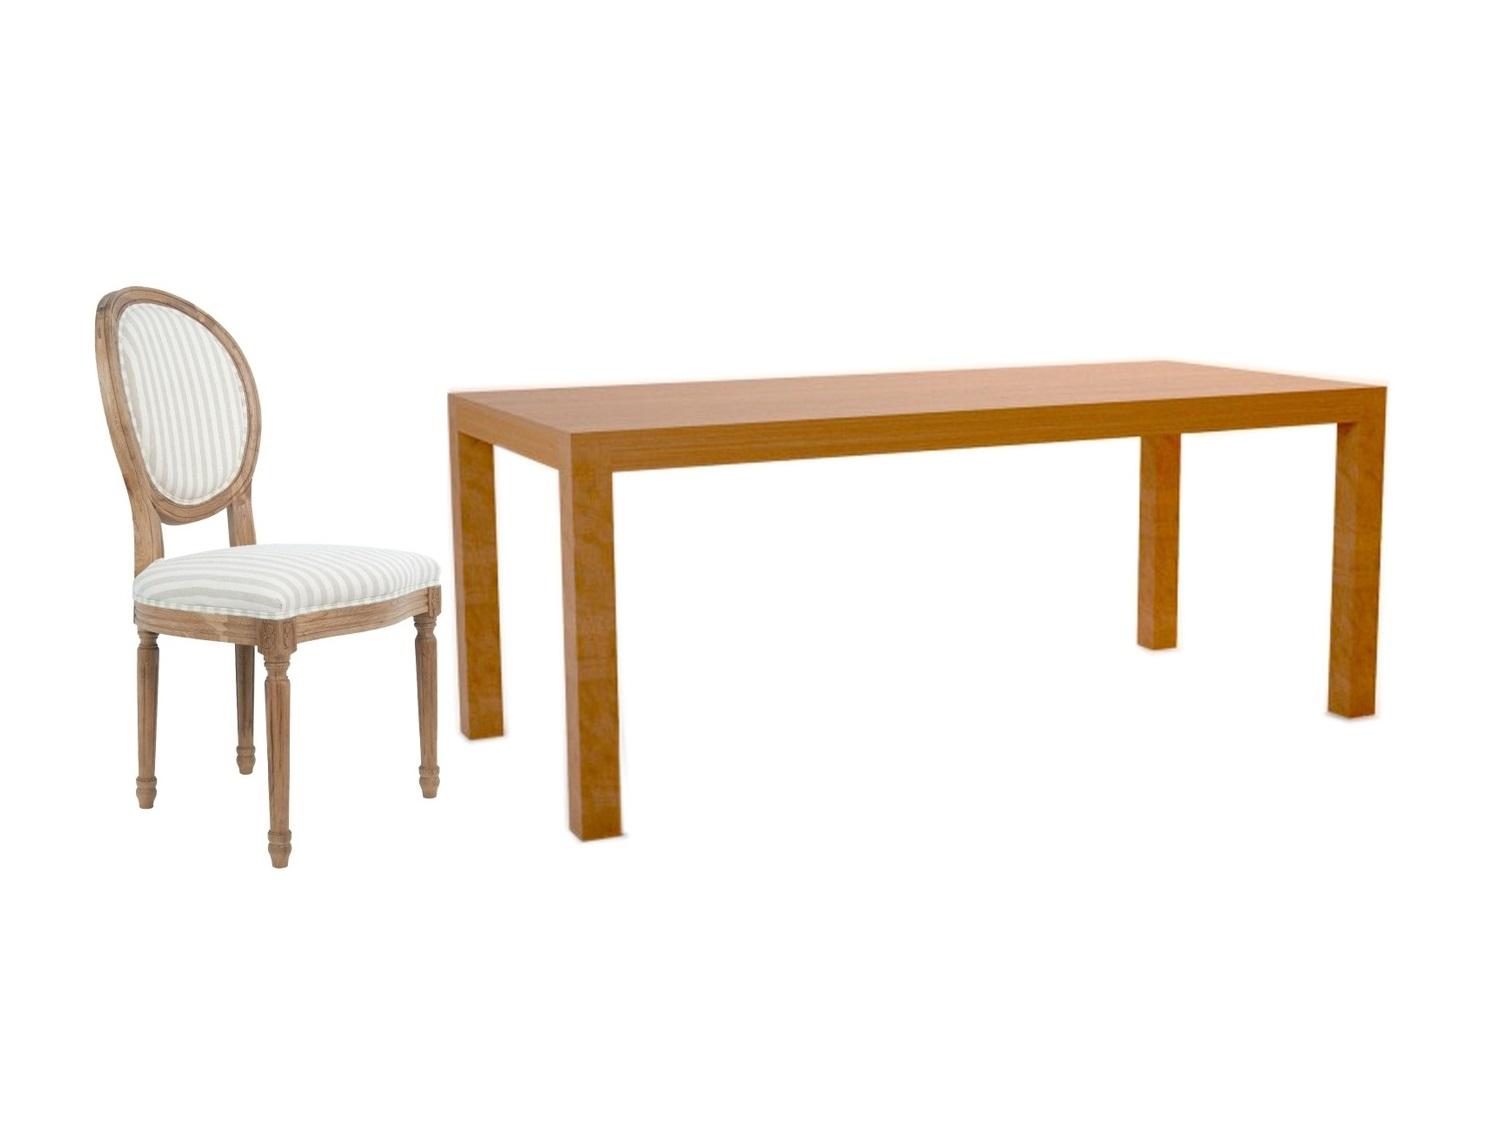 Обеденная группа Industrial (стол + 6 стульев)Комплекты для столовой<br>&amp;lt;div&amp;gt;Изысканный стул Miro с округлой спинкой, напоминающей медальон, выполнен в элегантном классическом французском стиле.&amp;amp;nbsp;&amp;lt;span style=&amp;quot;font-size: 14px;&amp;quot;&amp;gt;Основание модели выполнено из цельной породы древесины — массива дуба,искусственно состаренного.&amp;amp;nbsp;&amp;lt;/span&amp;gt;&amp;lt;/div&amp;gt;&amp;lt;div&amp;gt;&amp;lt;div&amp;gt;&amp;lt;br&amp;gt;&amp;lt;/div&amp;gt;&amp;lt;div&amp;gt;Рзмеры стола: 200/90/80 см&amp;lt;/div&amp;gt;&amp;lt;div&amp;gt;Материал стола: Береза&amp;lt;/div&amp;gt;&amp;lt;div&amp;gt;Размеры стула: 50/56/98 см&amp;lt;br&amp;gt;&amp;lt;/div&amp;gt;&amp;lt;div&amp;gt;Материал стула: Дуб&amp;lt;br&amp;gt;&amp;lt;/div&amp;gt;&amp;lt;/div&amp;gt;&amp;lt;div&amp;gt;&amp;lt;br&amp;gt;&amp;lt;/div&amp;gt;&amp;lt;div&amp;gt;&amp;lt;br&amp;gt;&amp;lt;/div&amp;gt;<br><br>Material: Береза<br>Width см: 200<br>Depth см: 90<br>Height см: 80